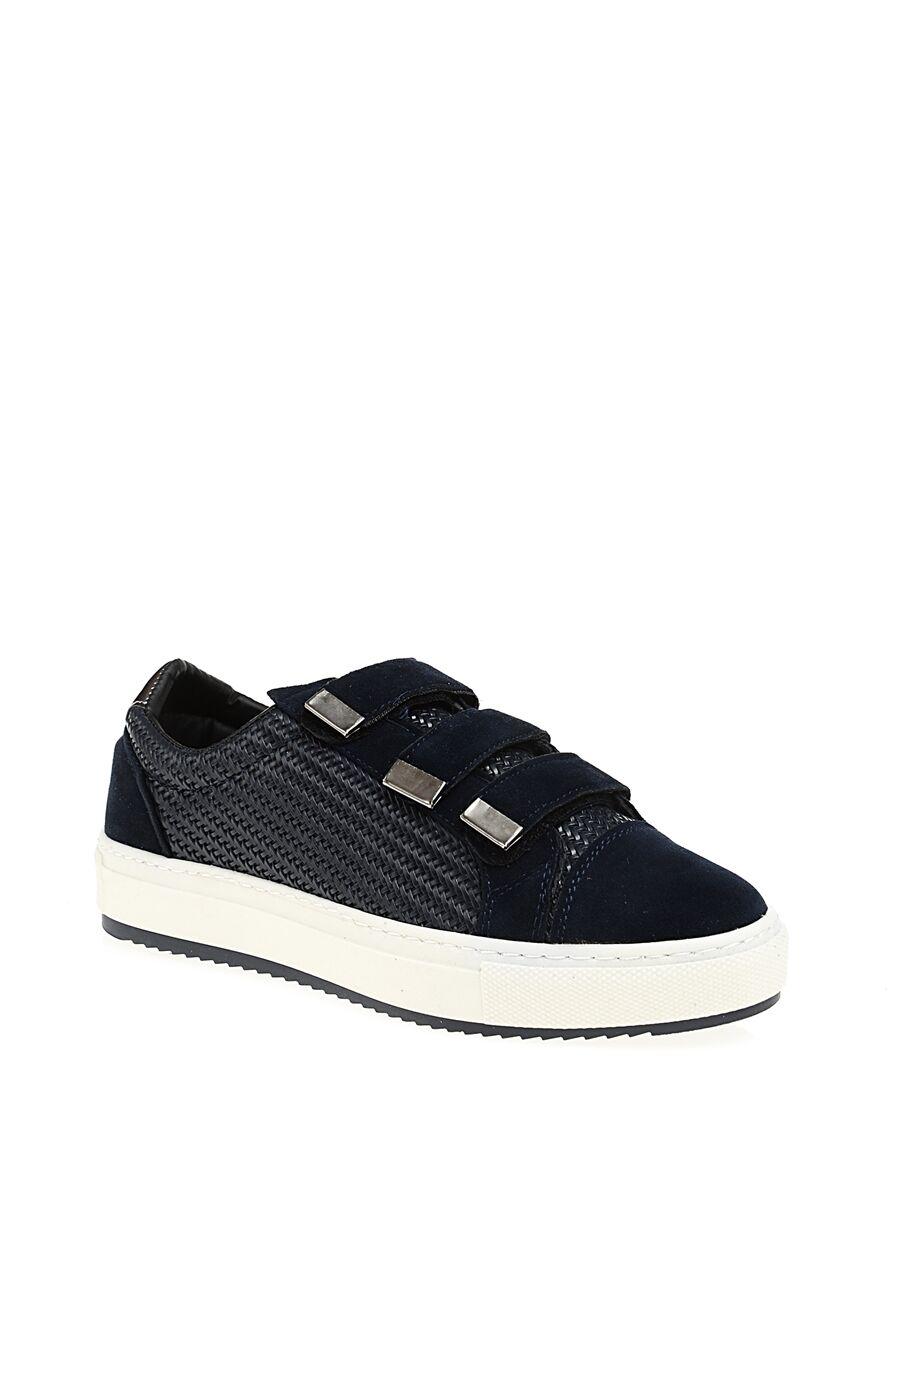 Giro Lacivert Sneaker